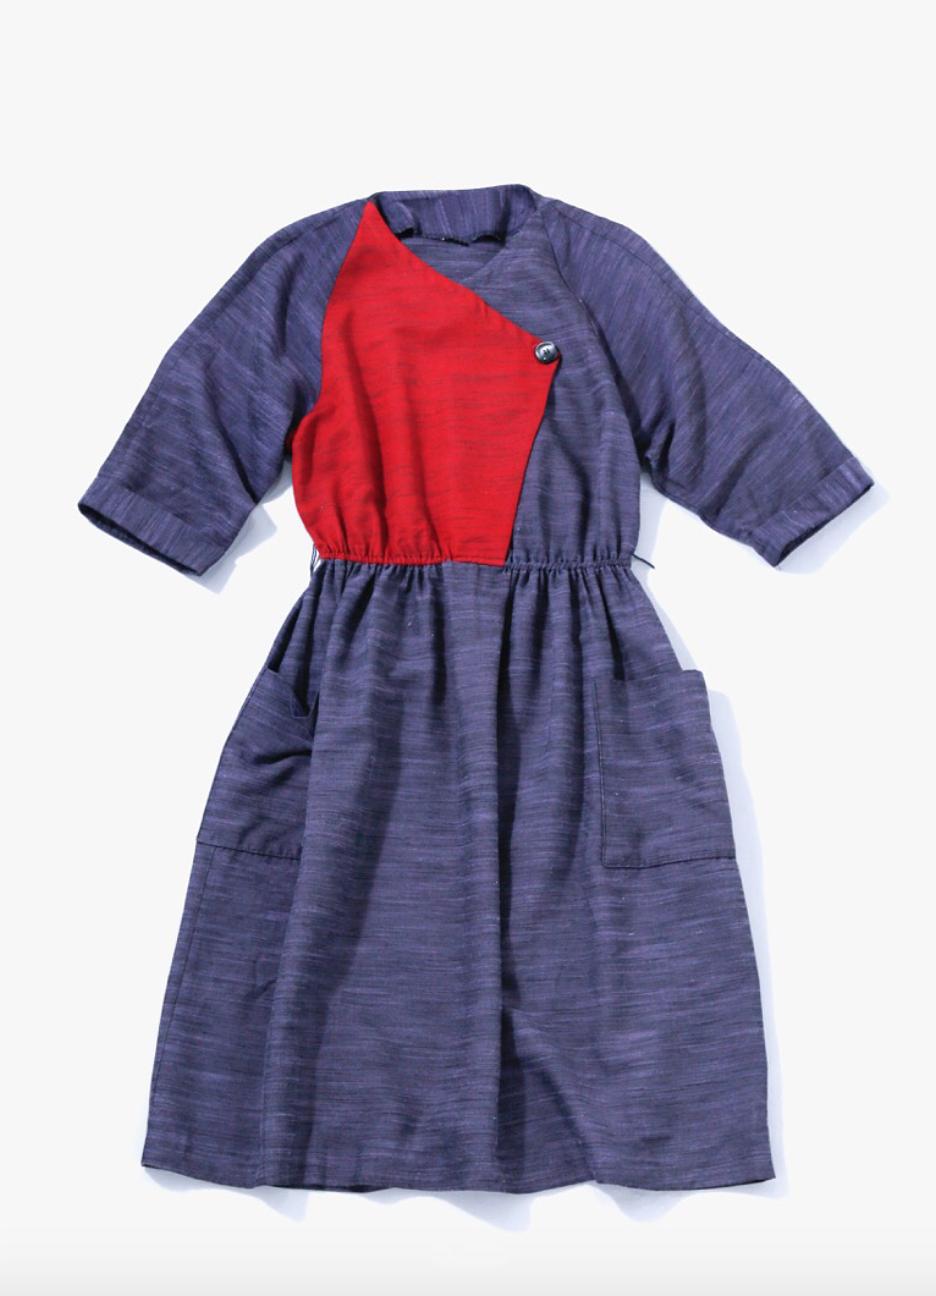 80's Summer Cotton Dress